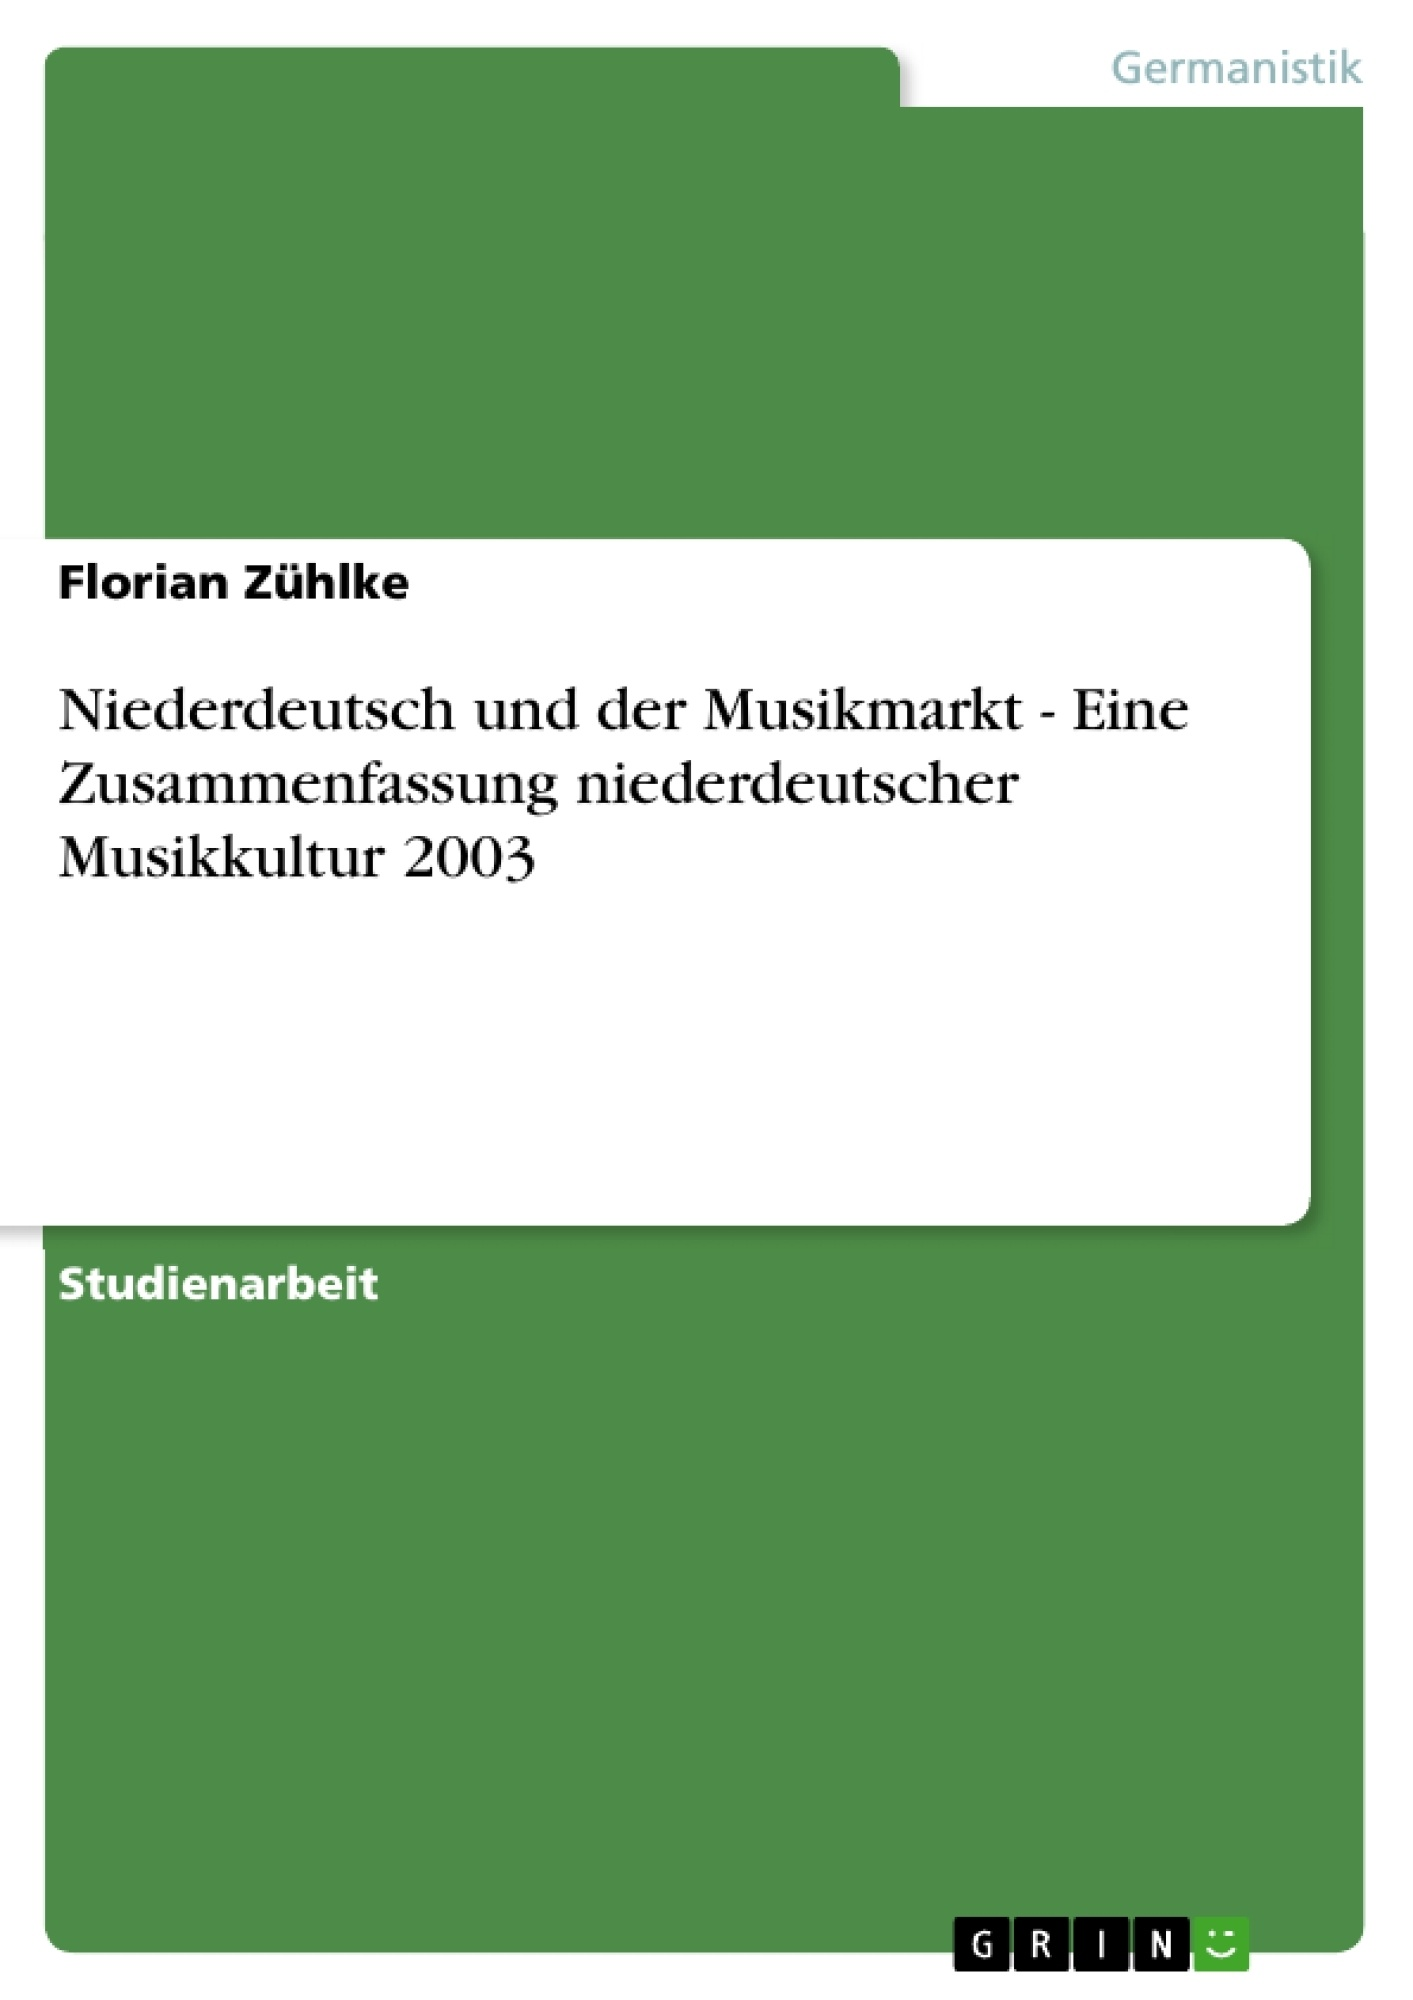 Titel: Niederdeutsch und der Musikmarkt - Eine Zusammenfassung niederdeutscher Musikkultur 2003